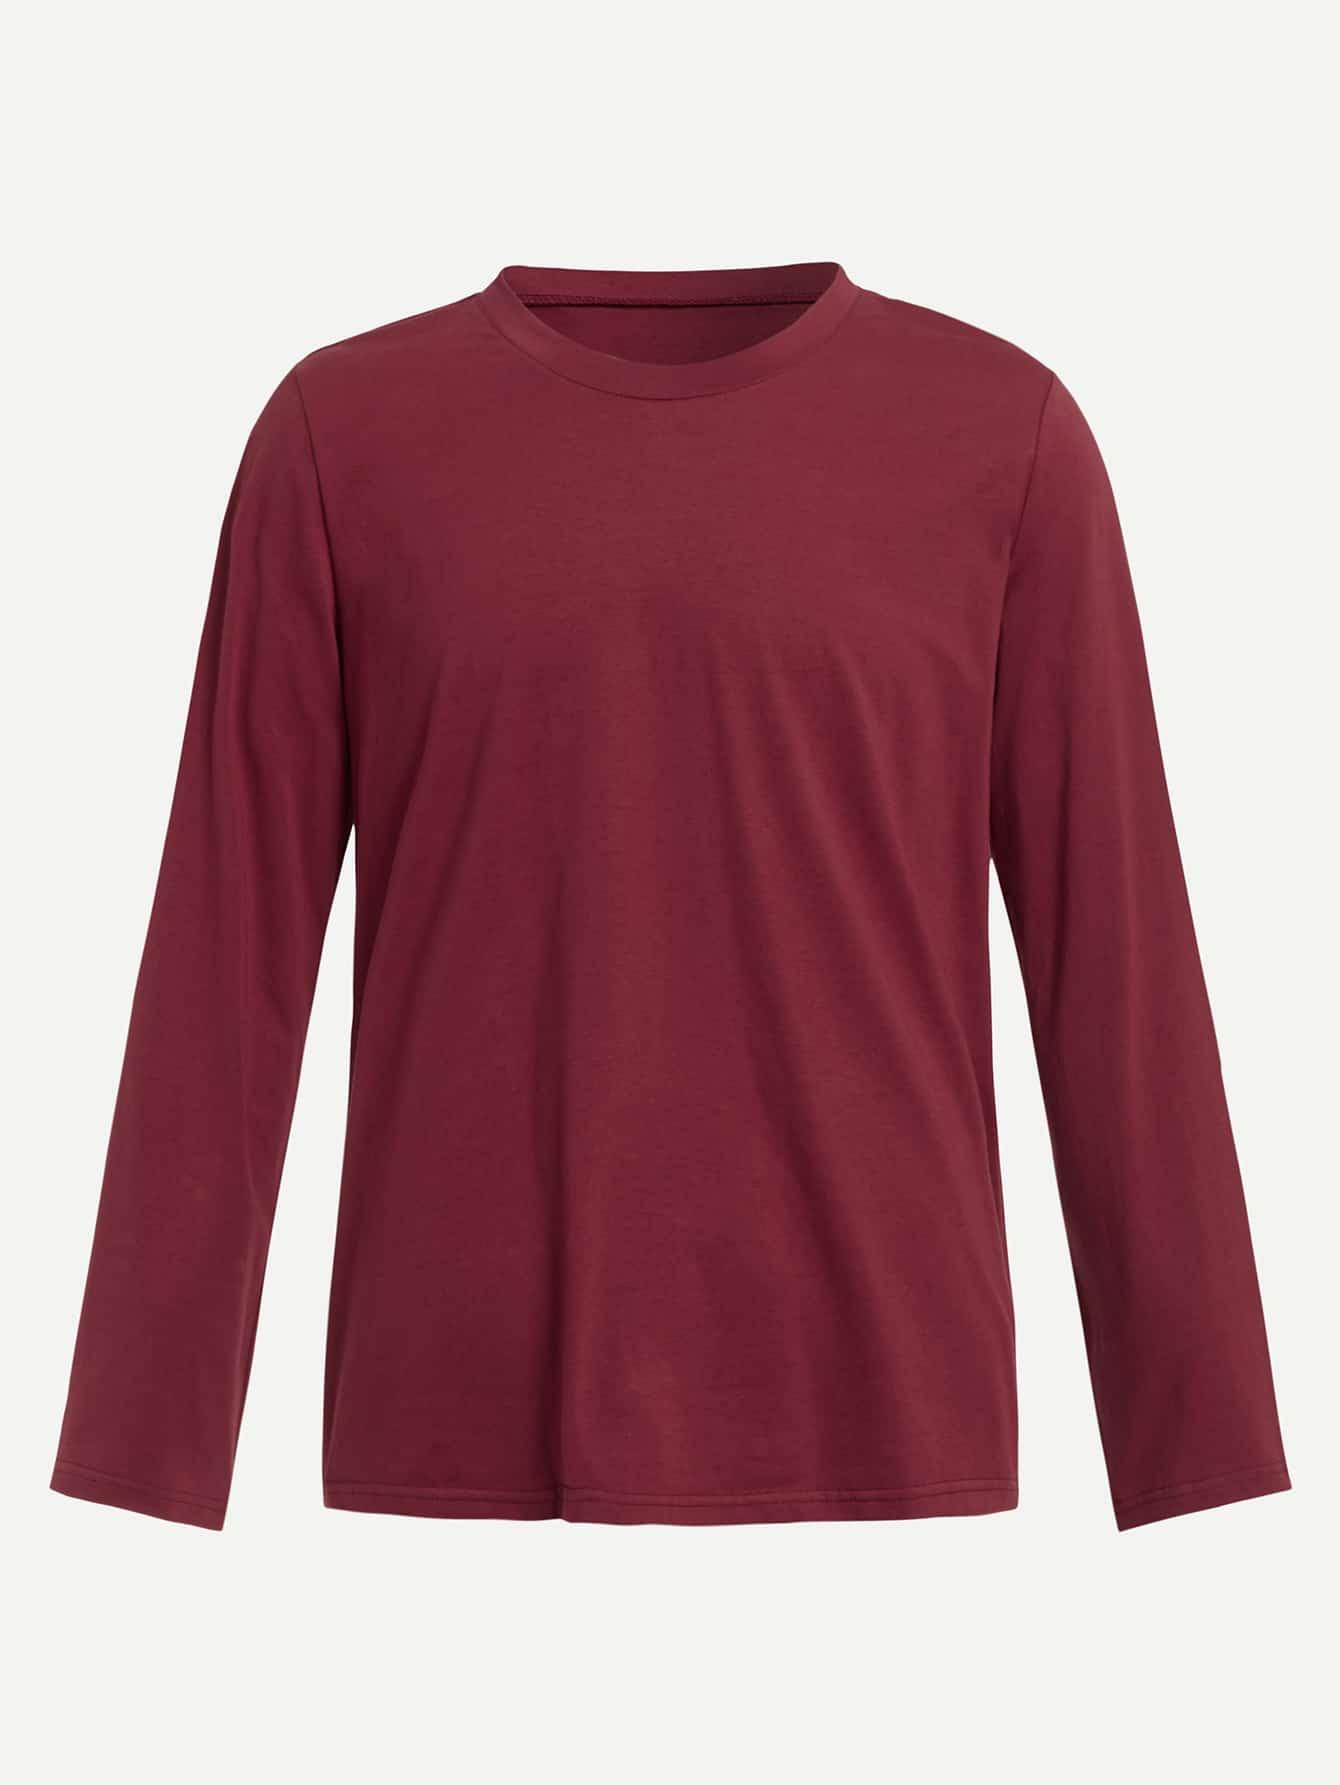 Купить Мужская однотонная футболка с круглым воротником, null, SheIn